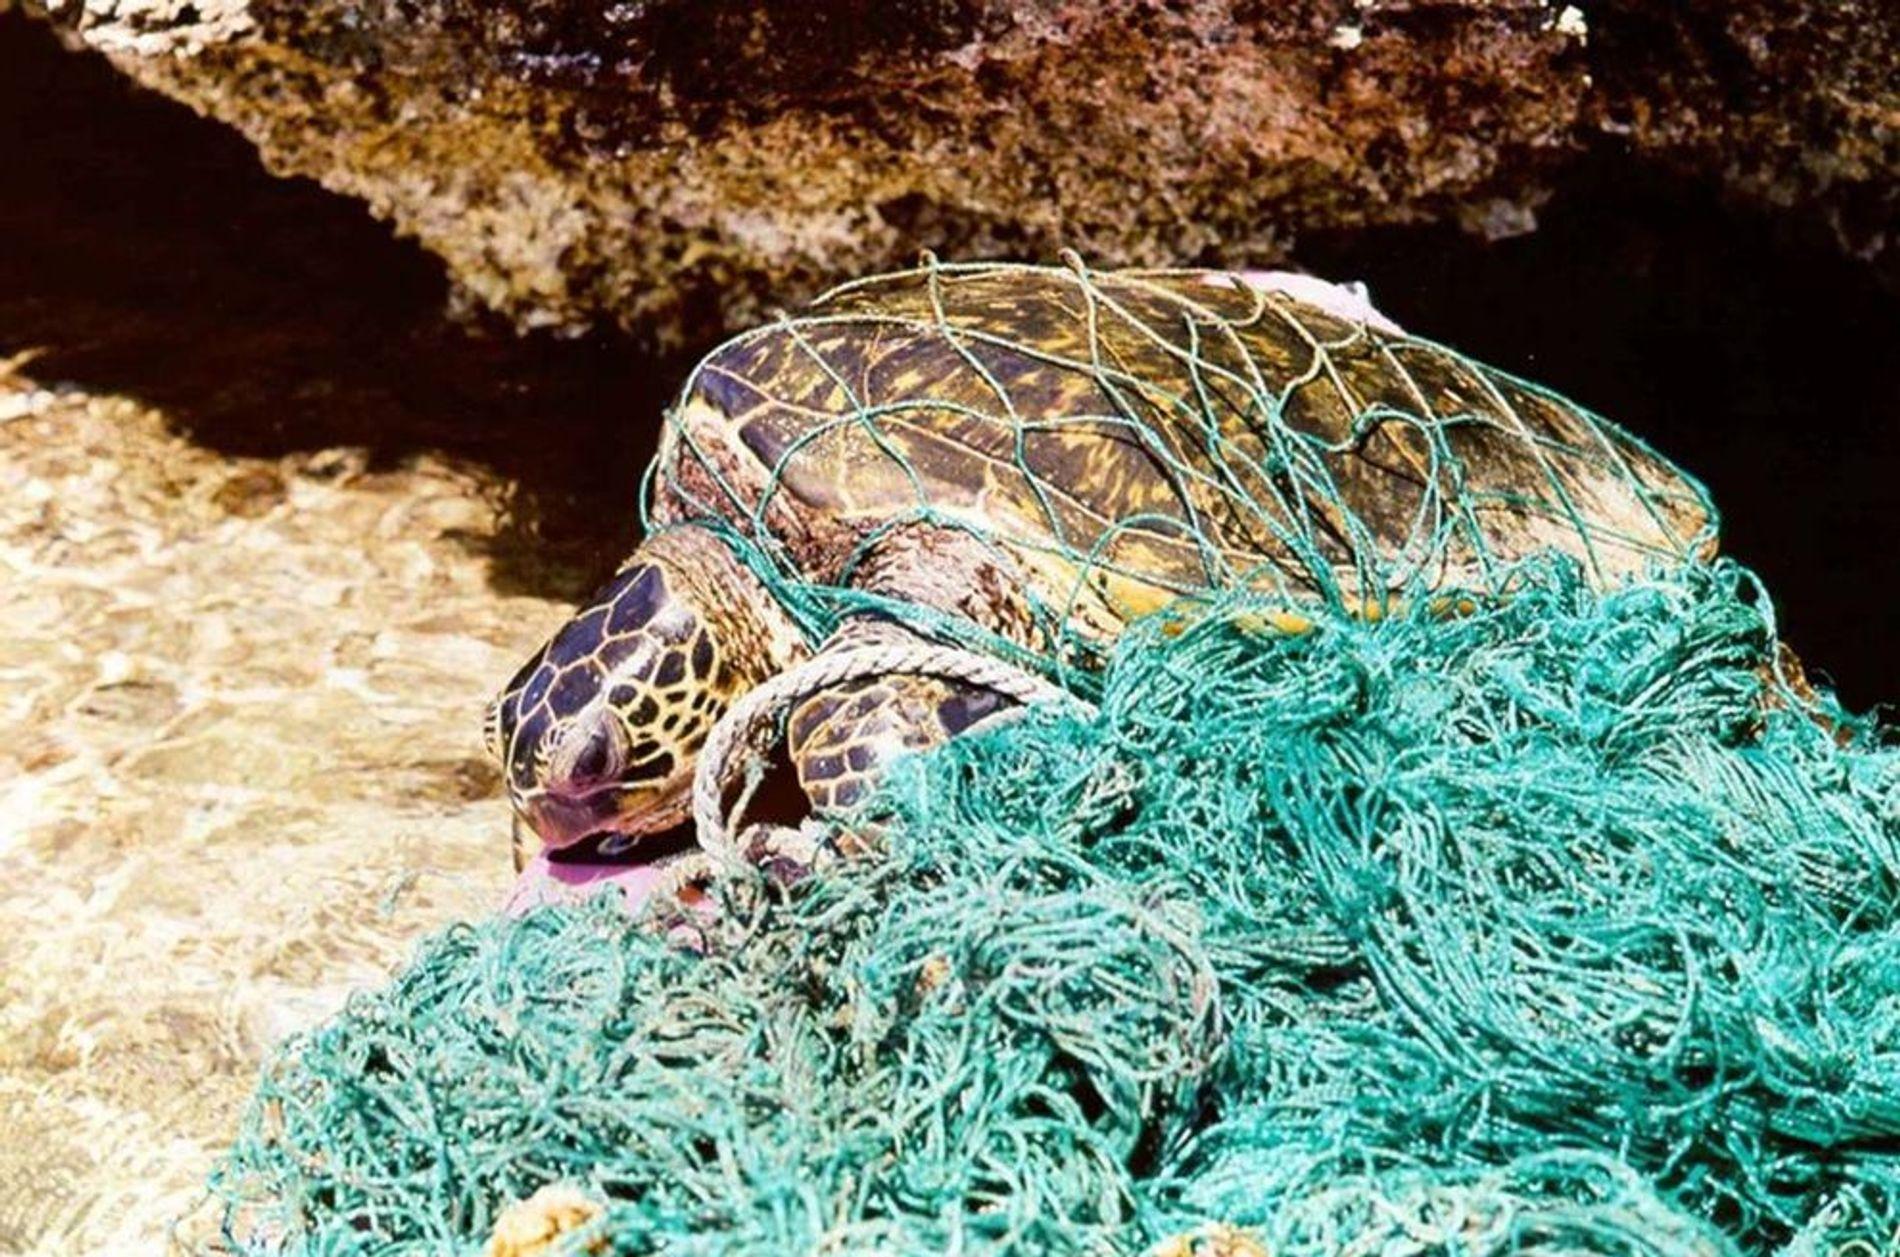 Les tortues aussi sont mises en danger par les débris marins. Elles peuvent facilement se retrouver ...